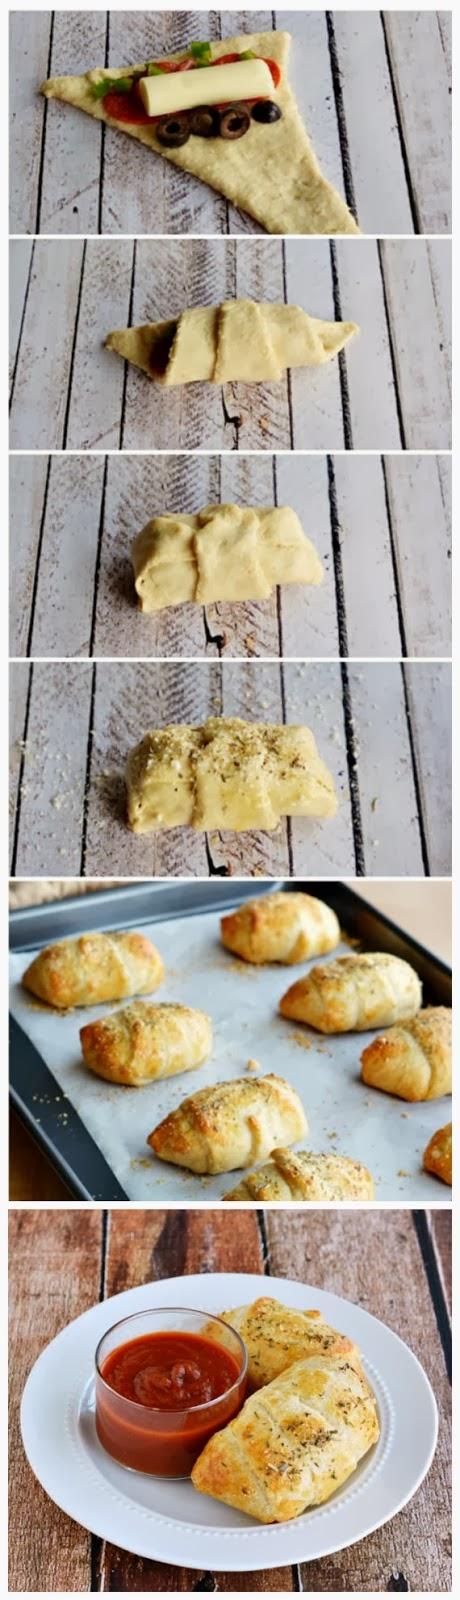 Supreme-Pizza-Pockets-Recipe